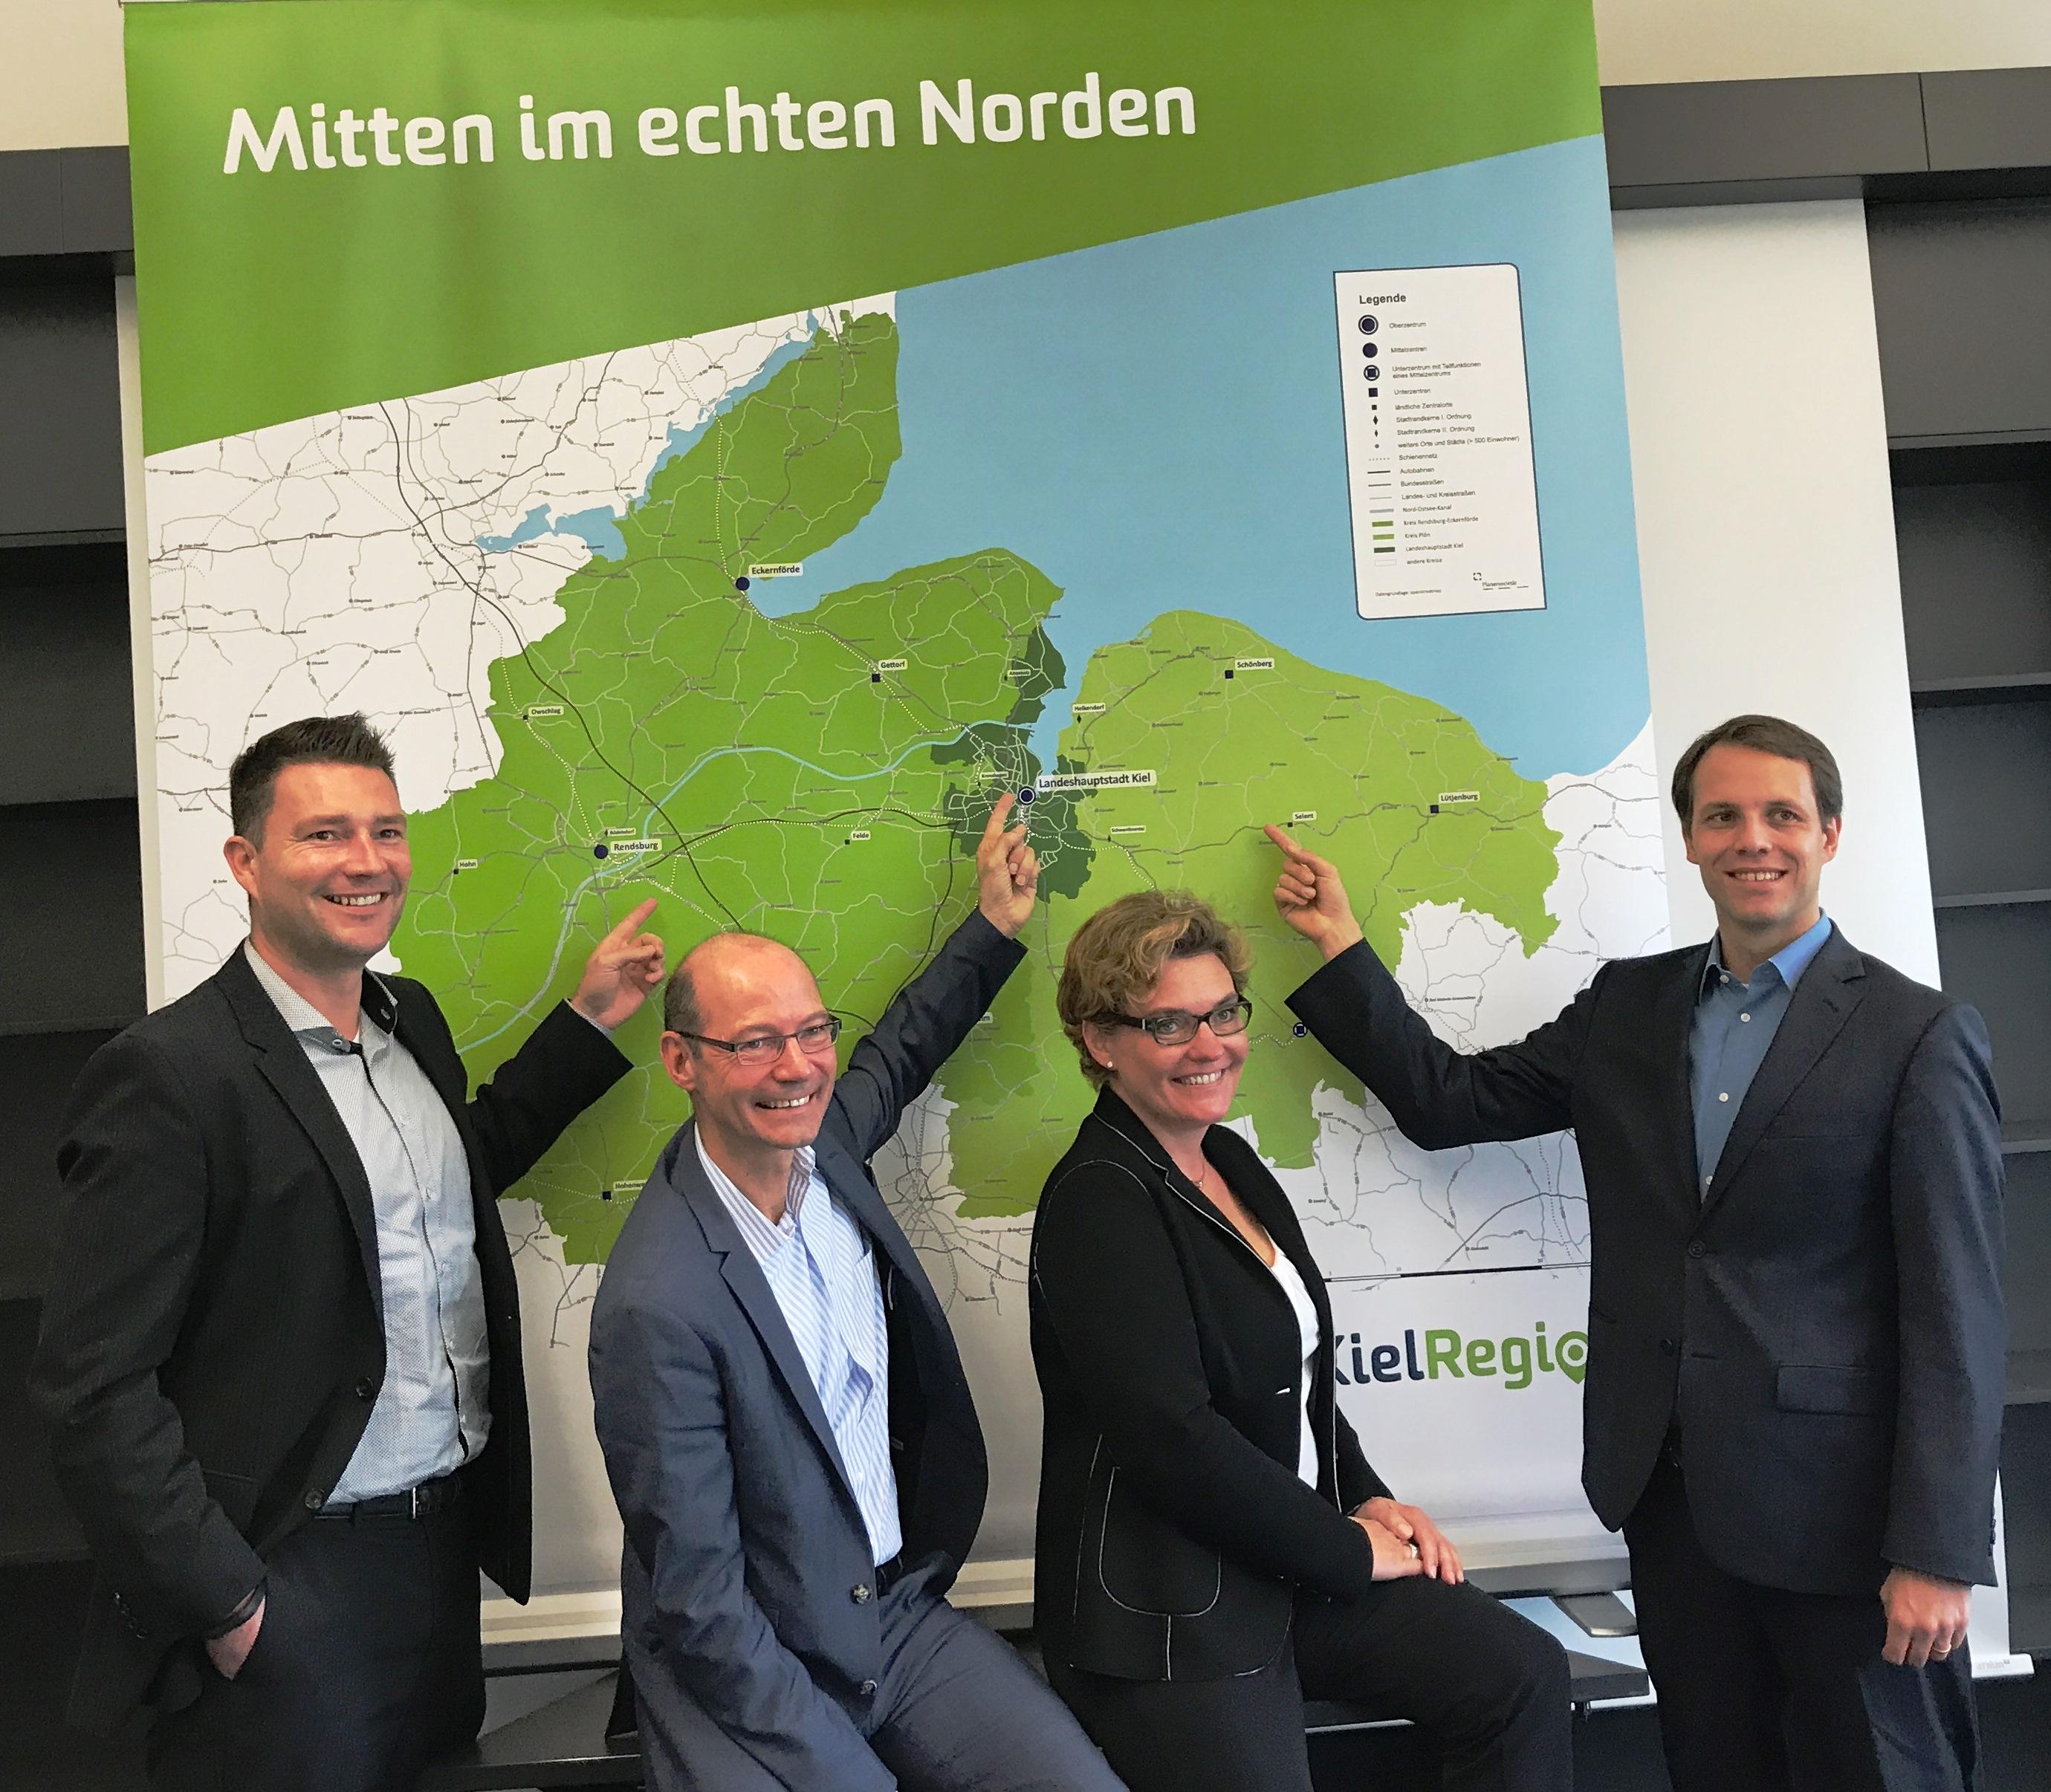 Foto v.l.: Kai Lass (WFG Kreis Rendsburg-Eckernförde), Werner Kässens (Kieler Wirtschaftsförderung), Janet Sönnichsen (KielRegion GmbH) und Knut Voigt (WFA Kreis Plön)